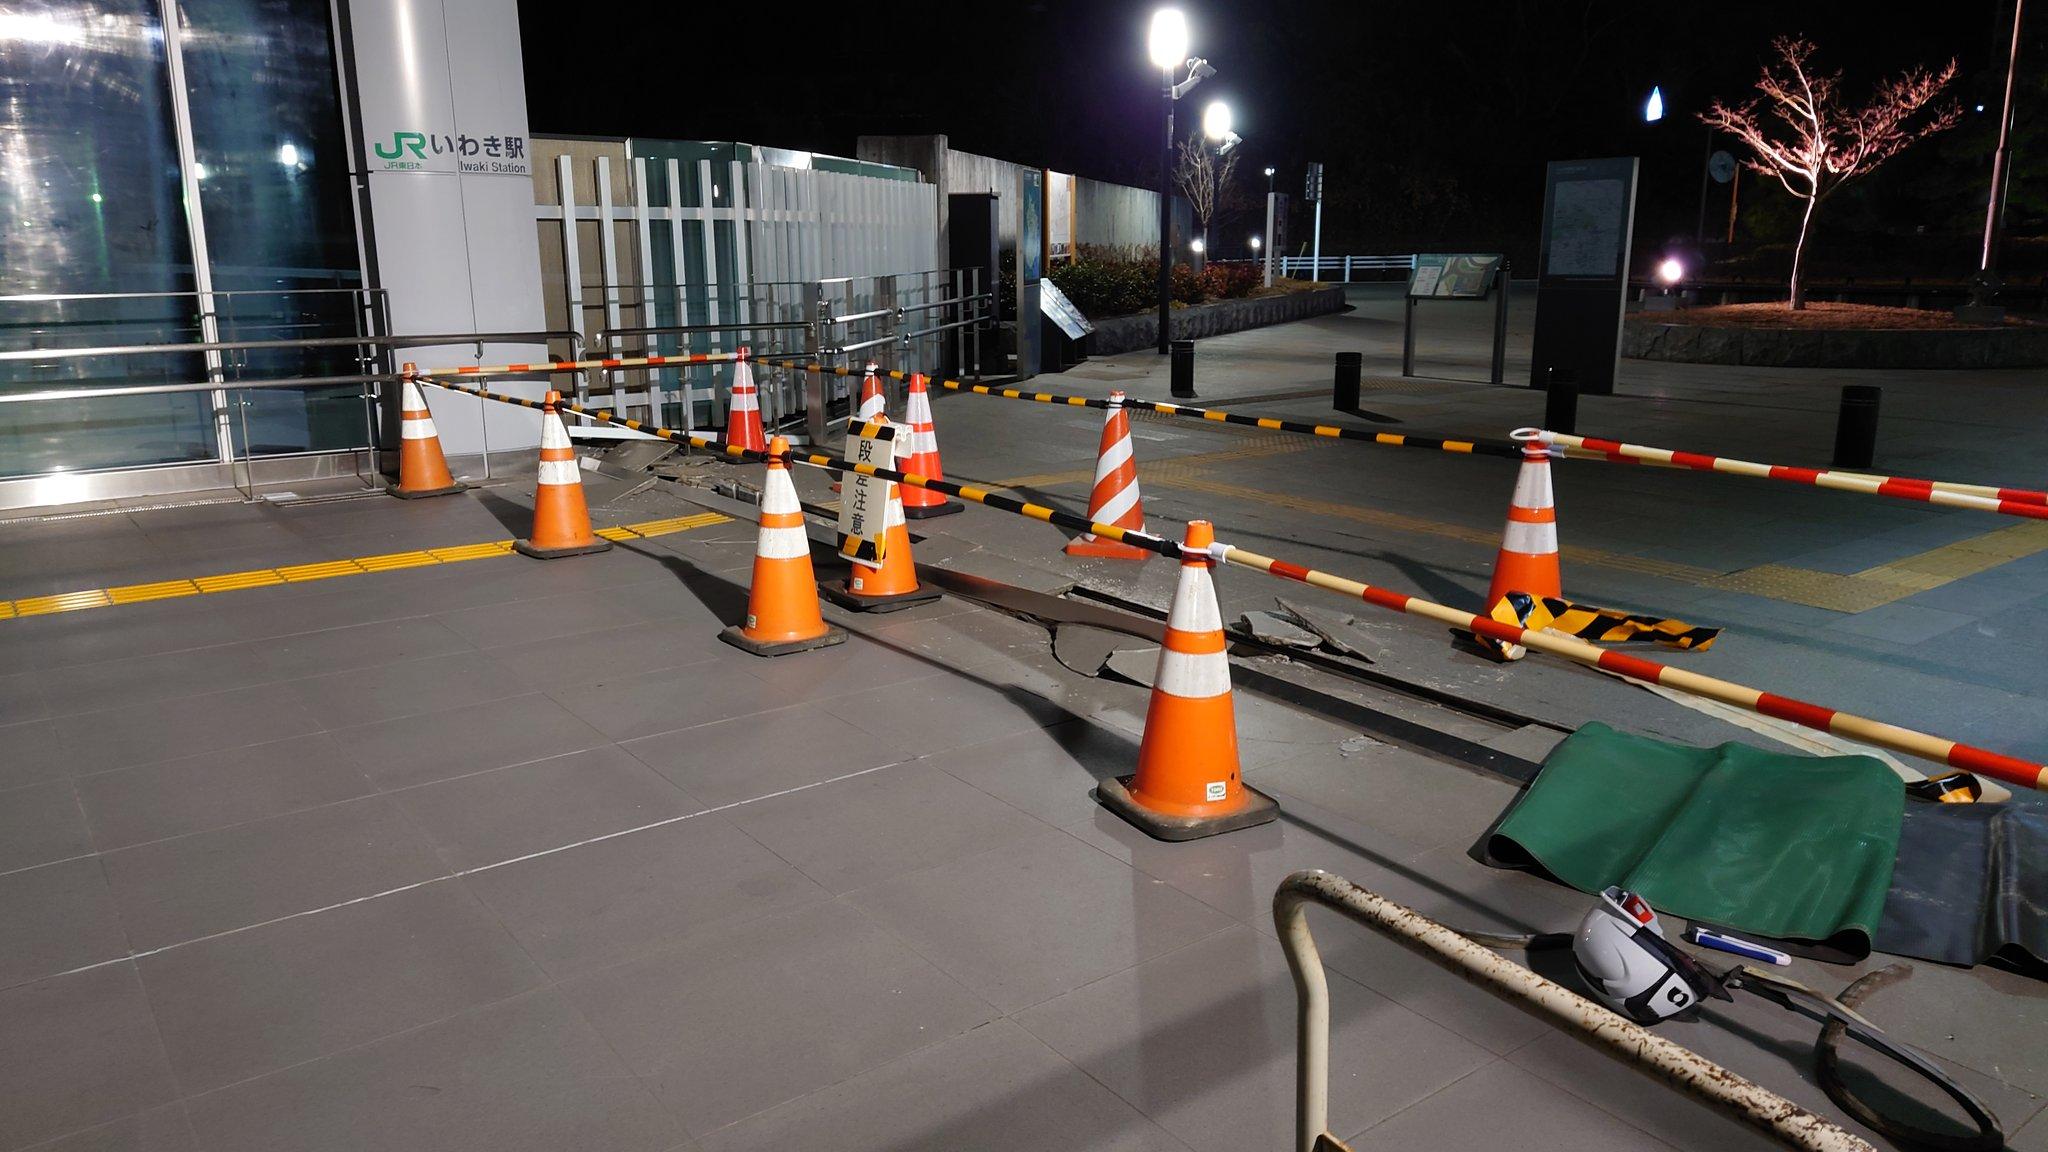 2/13(土)発生 福島県沖地震に関する鉄道ニュース 2021 <13日深夜-14日未明のまとめ></noscript><img class=